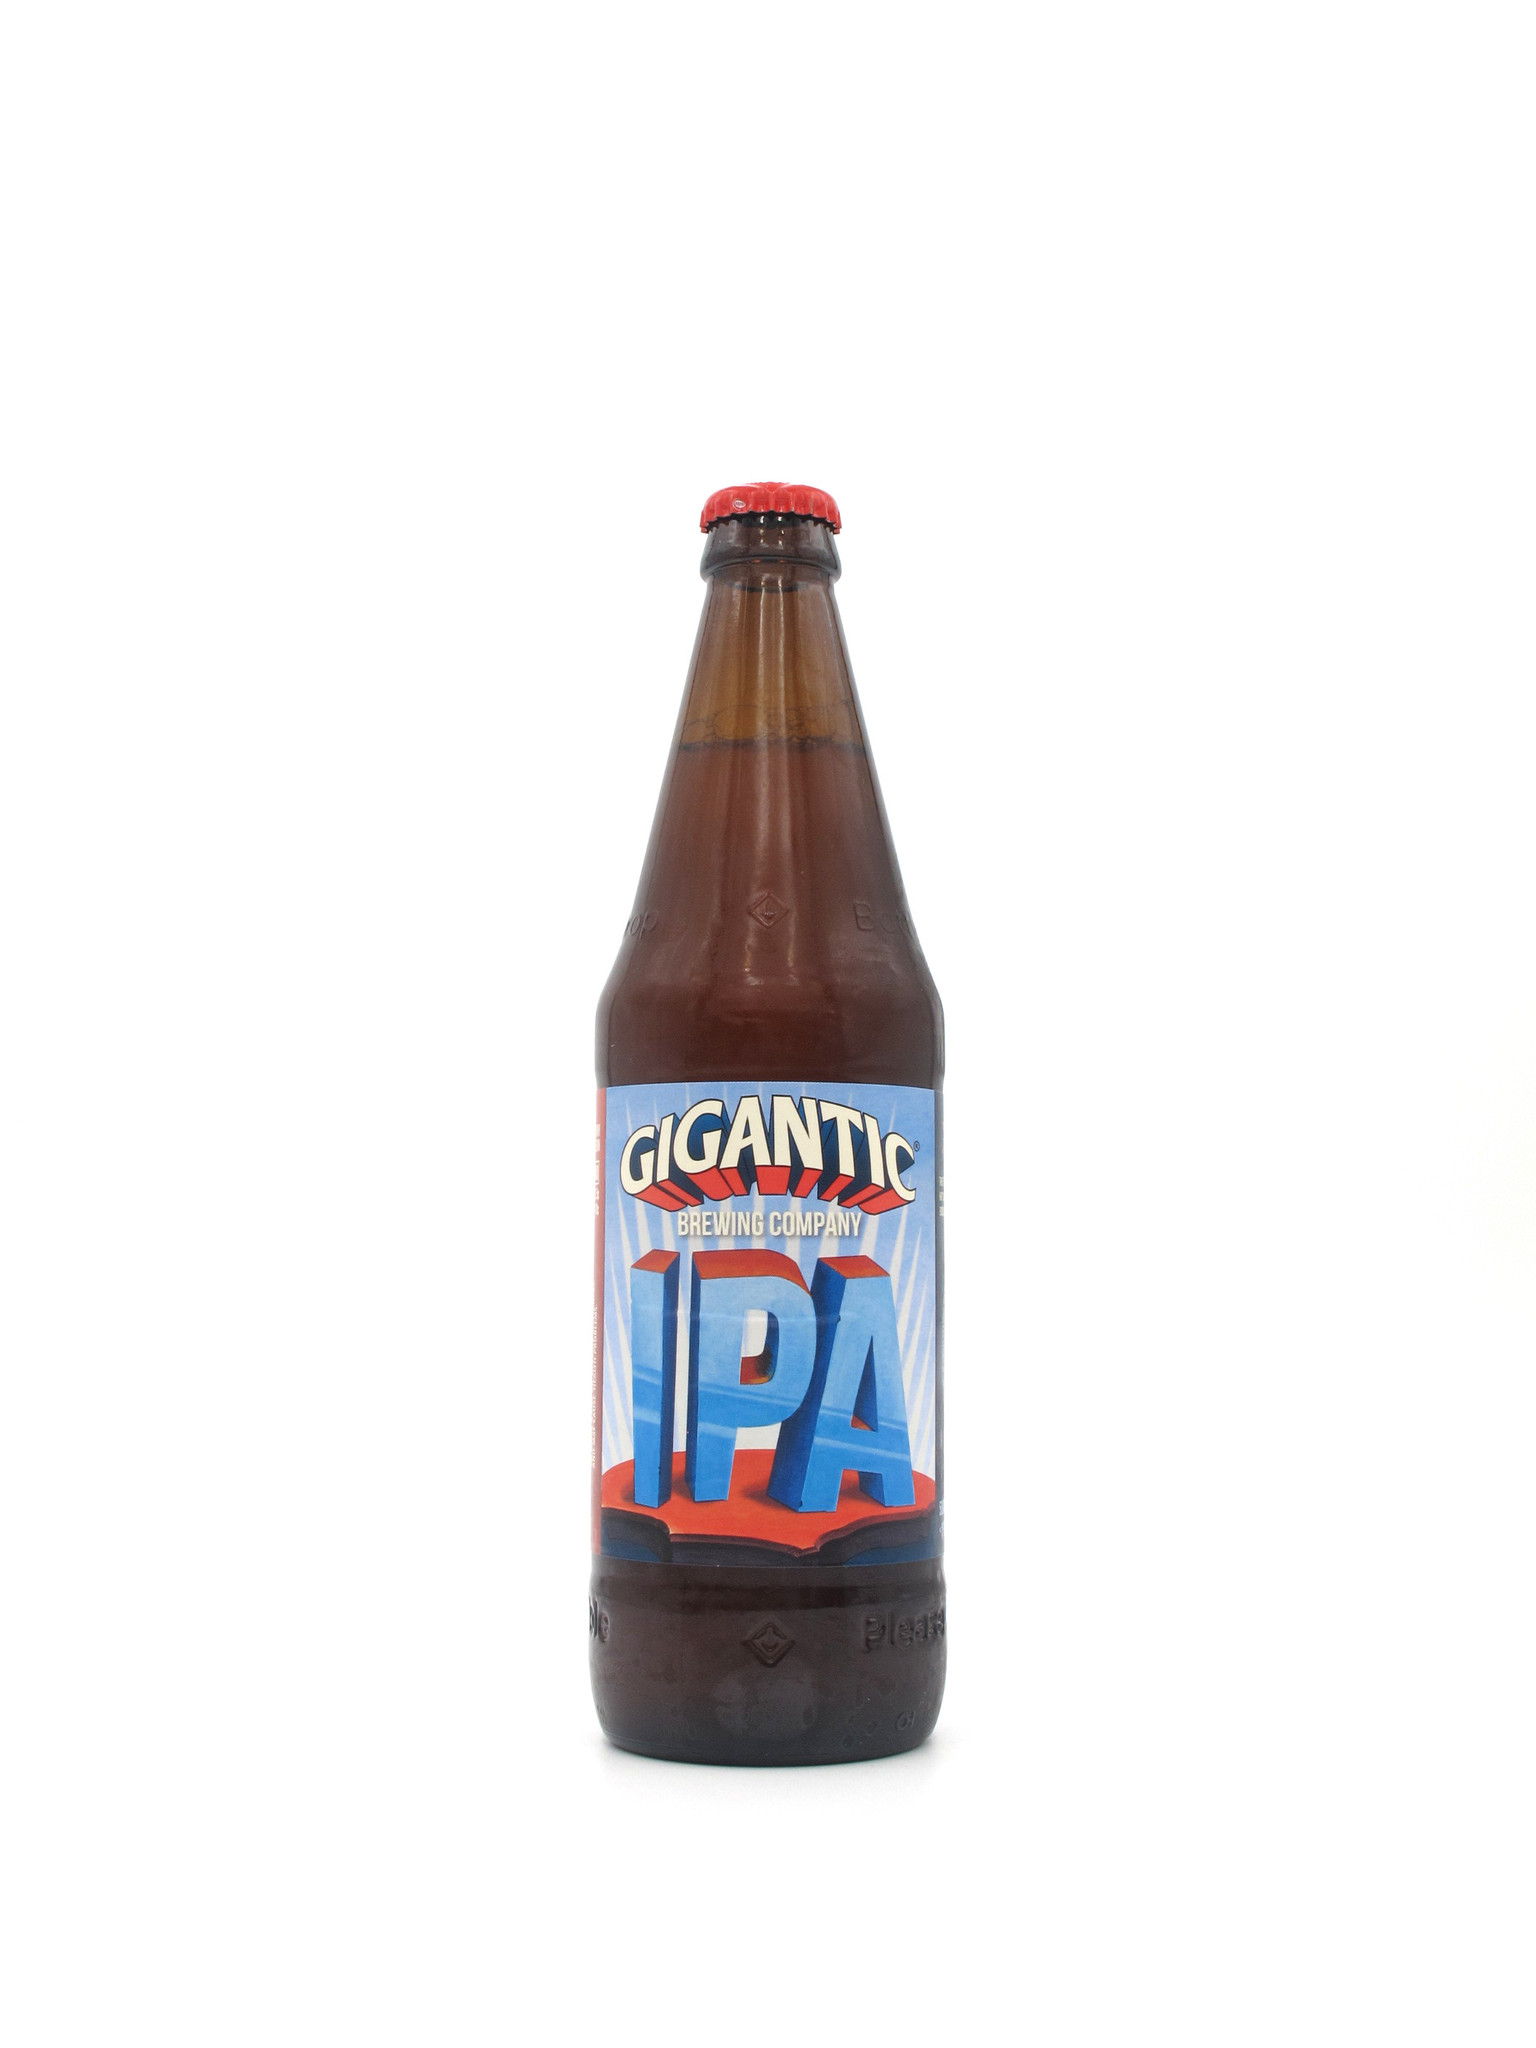 Gigantic Gigantic Brewing IPA